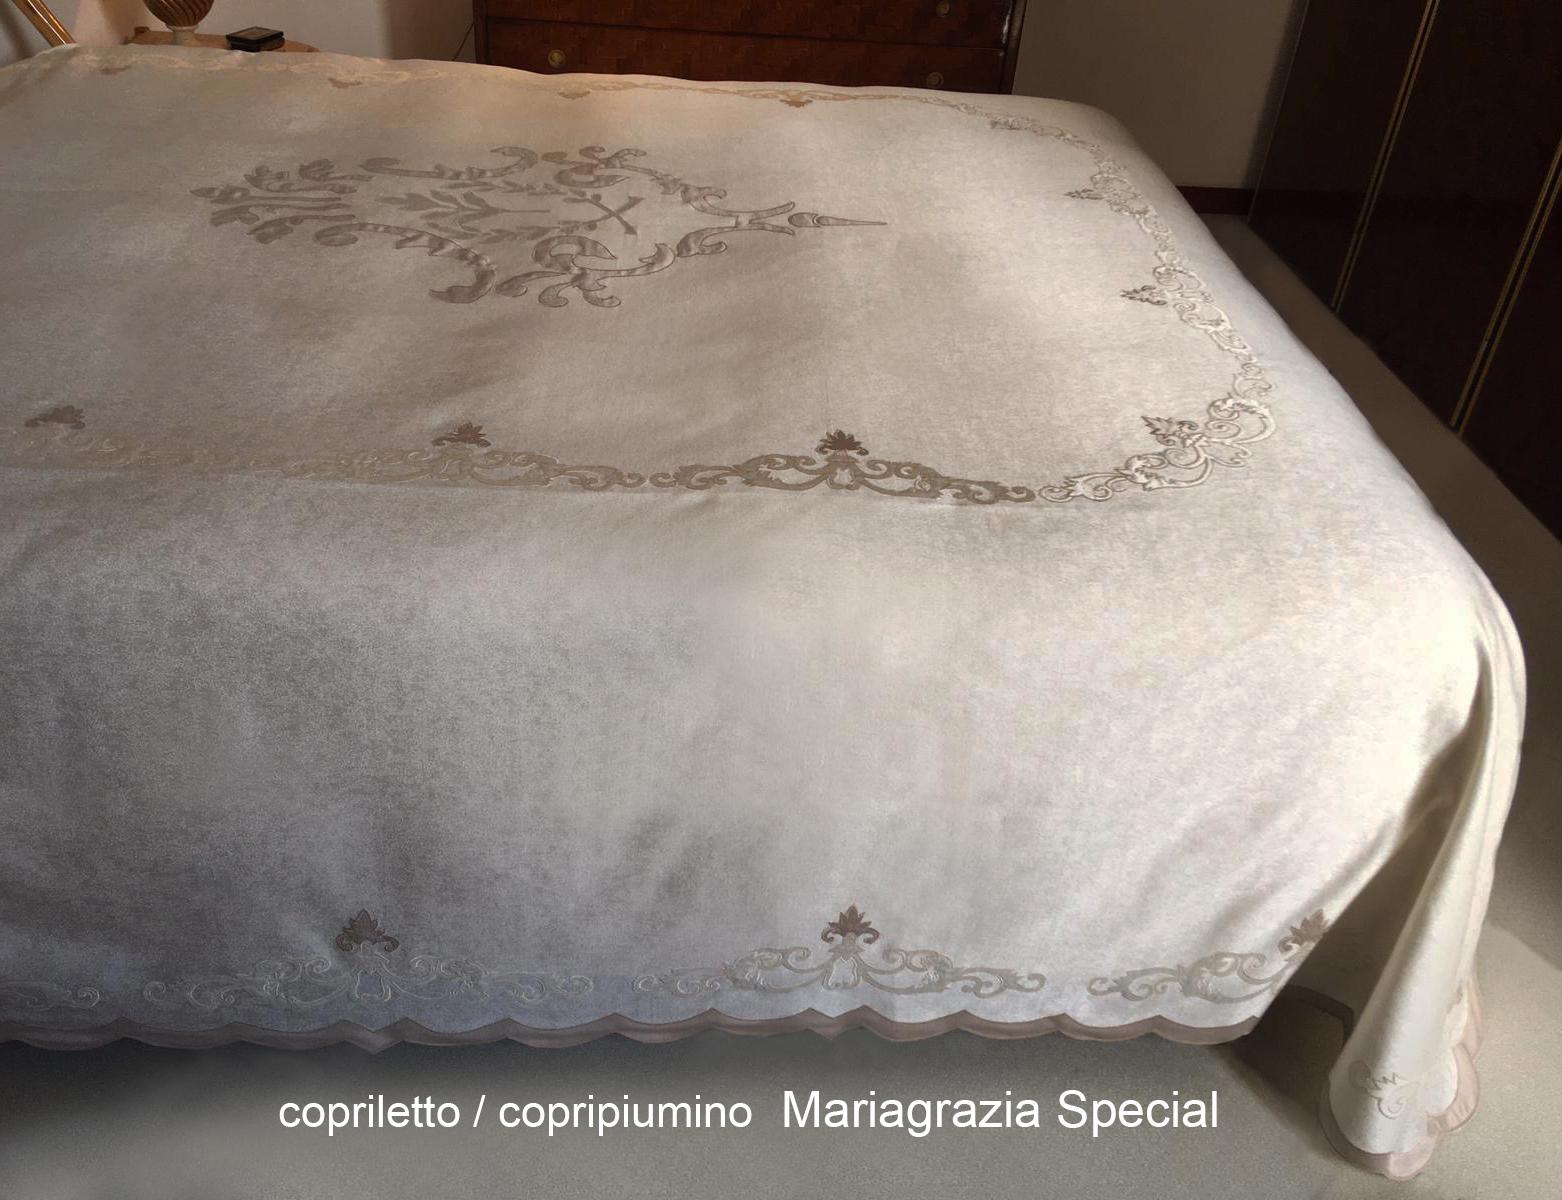 MARIAGRAZIA Copriletto  Copripiumino